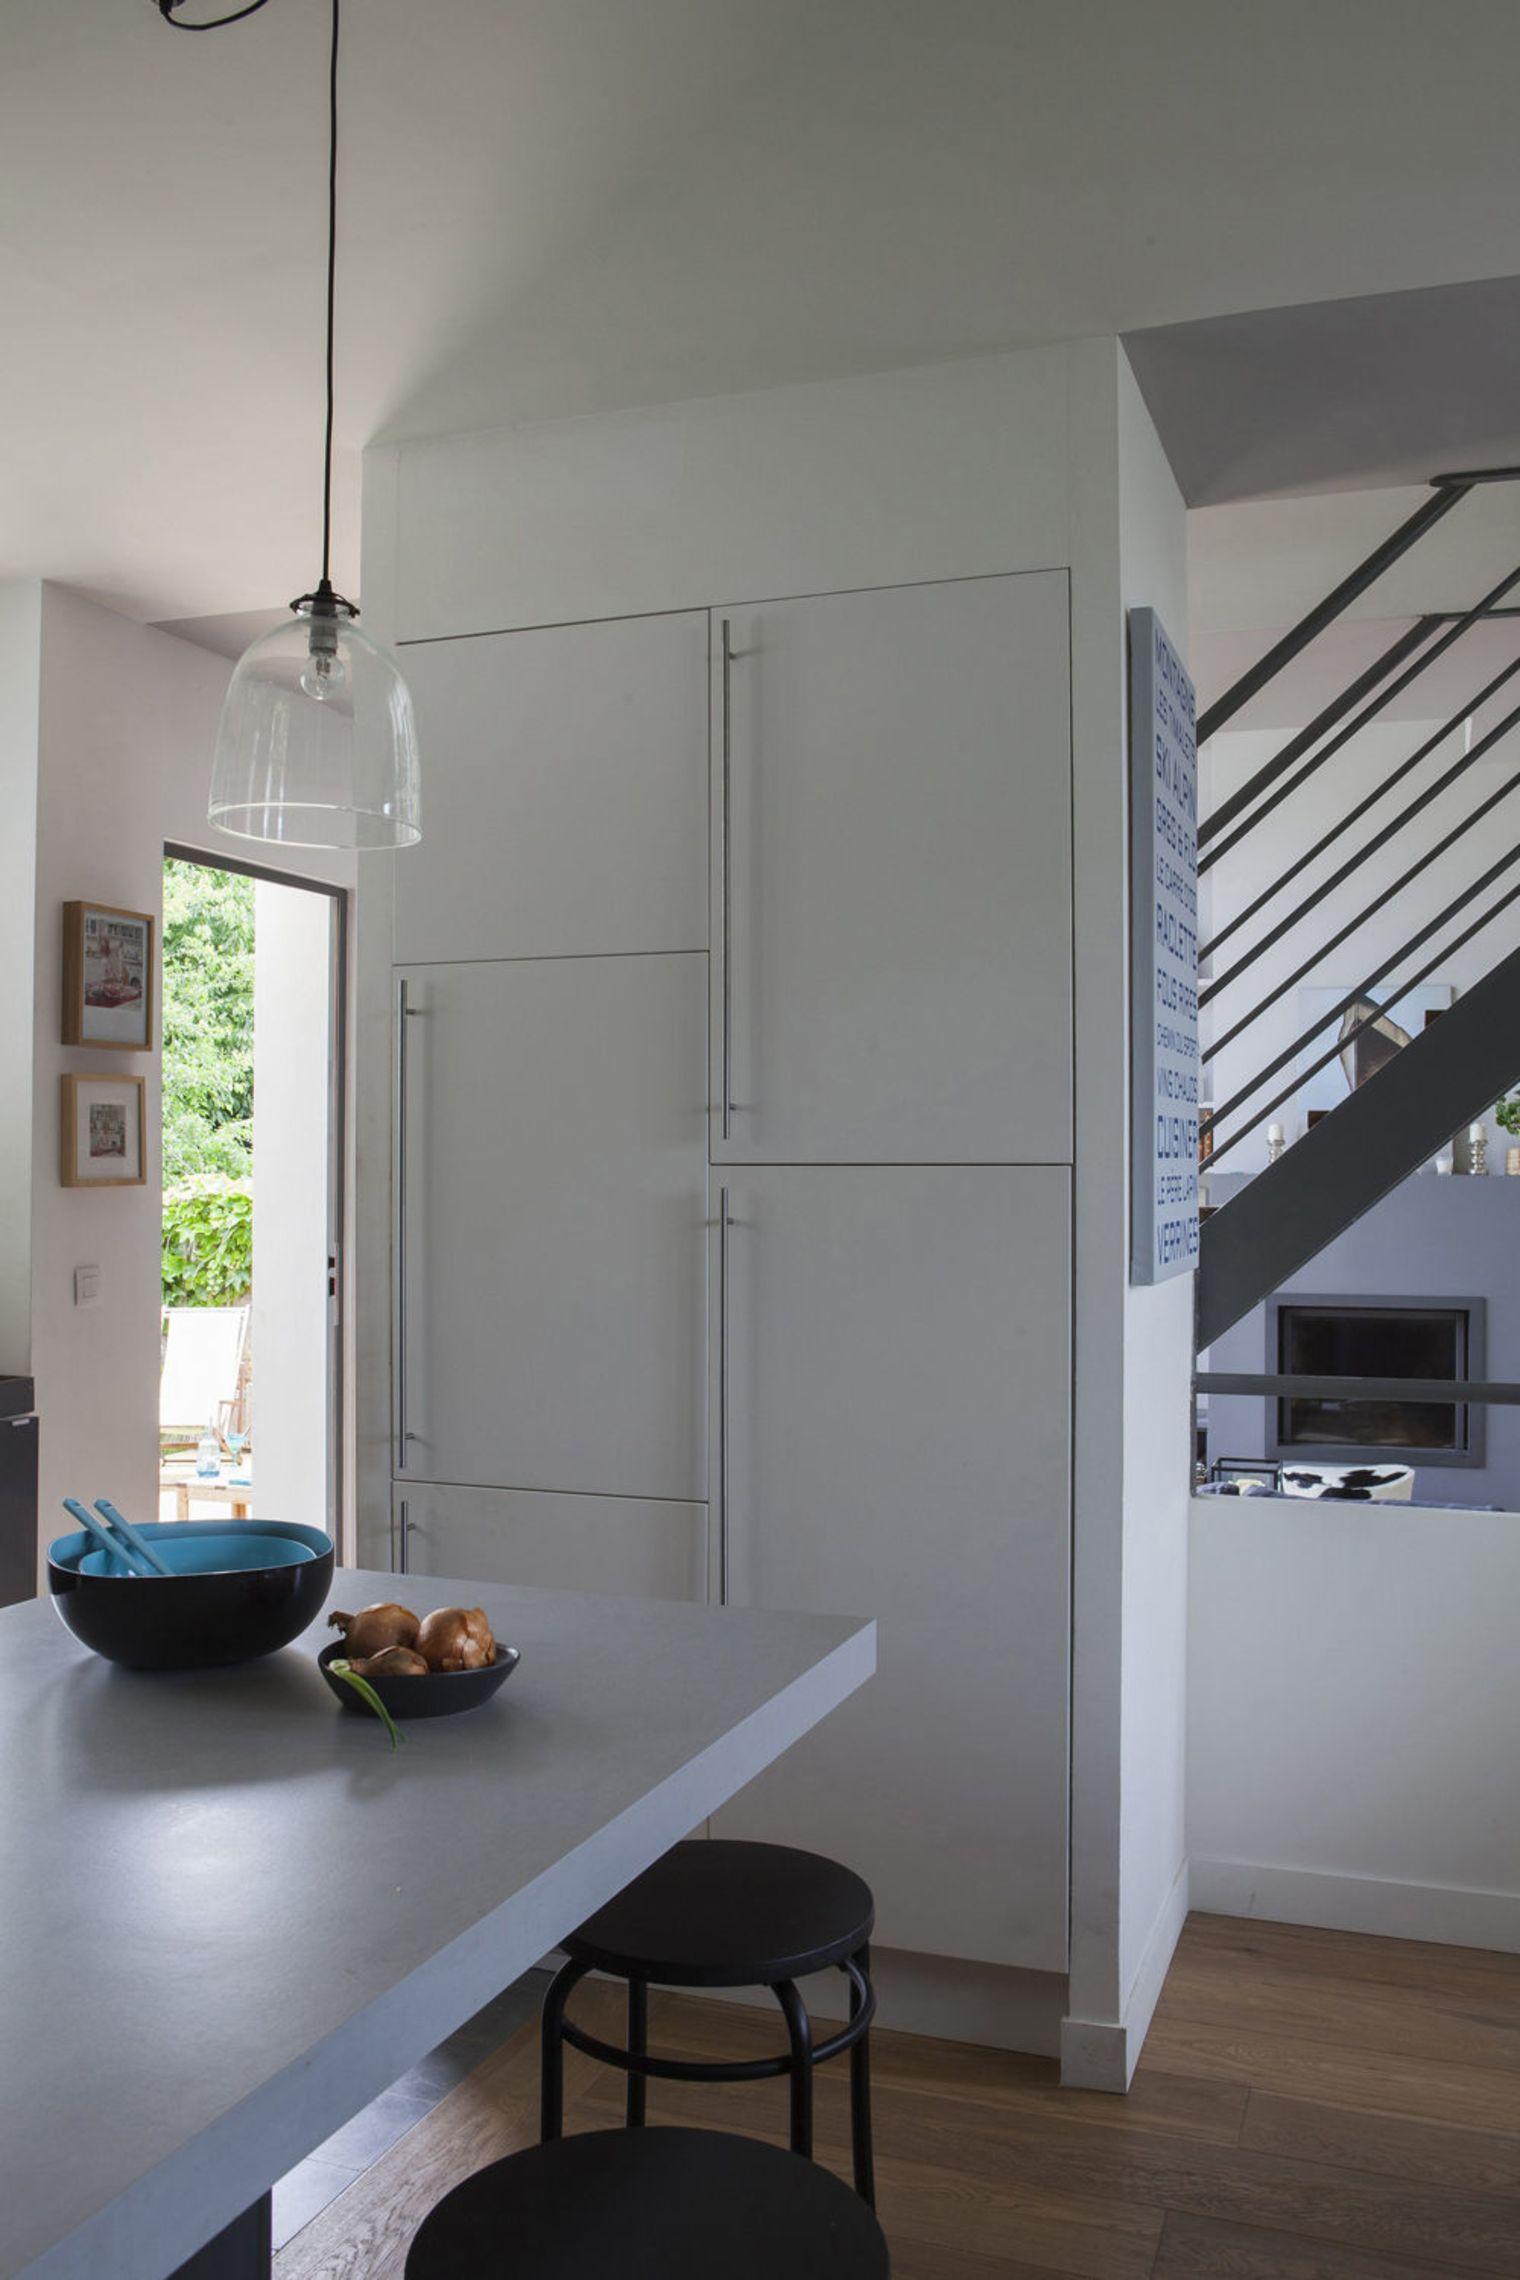 Встроенный холодильник в дизайне маленькой кухни